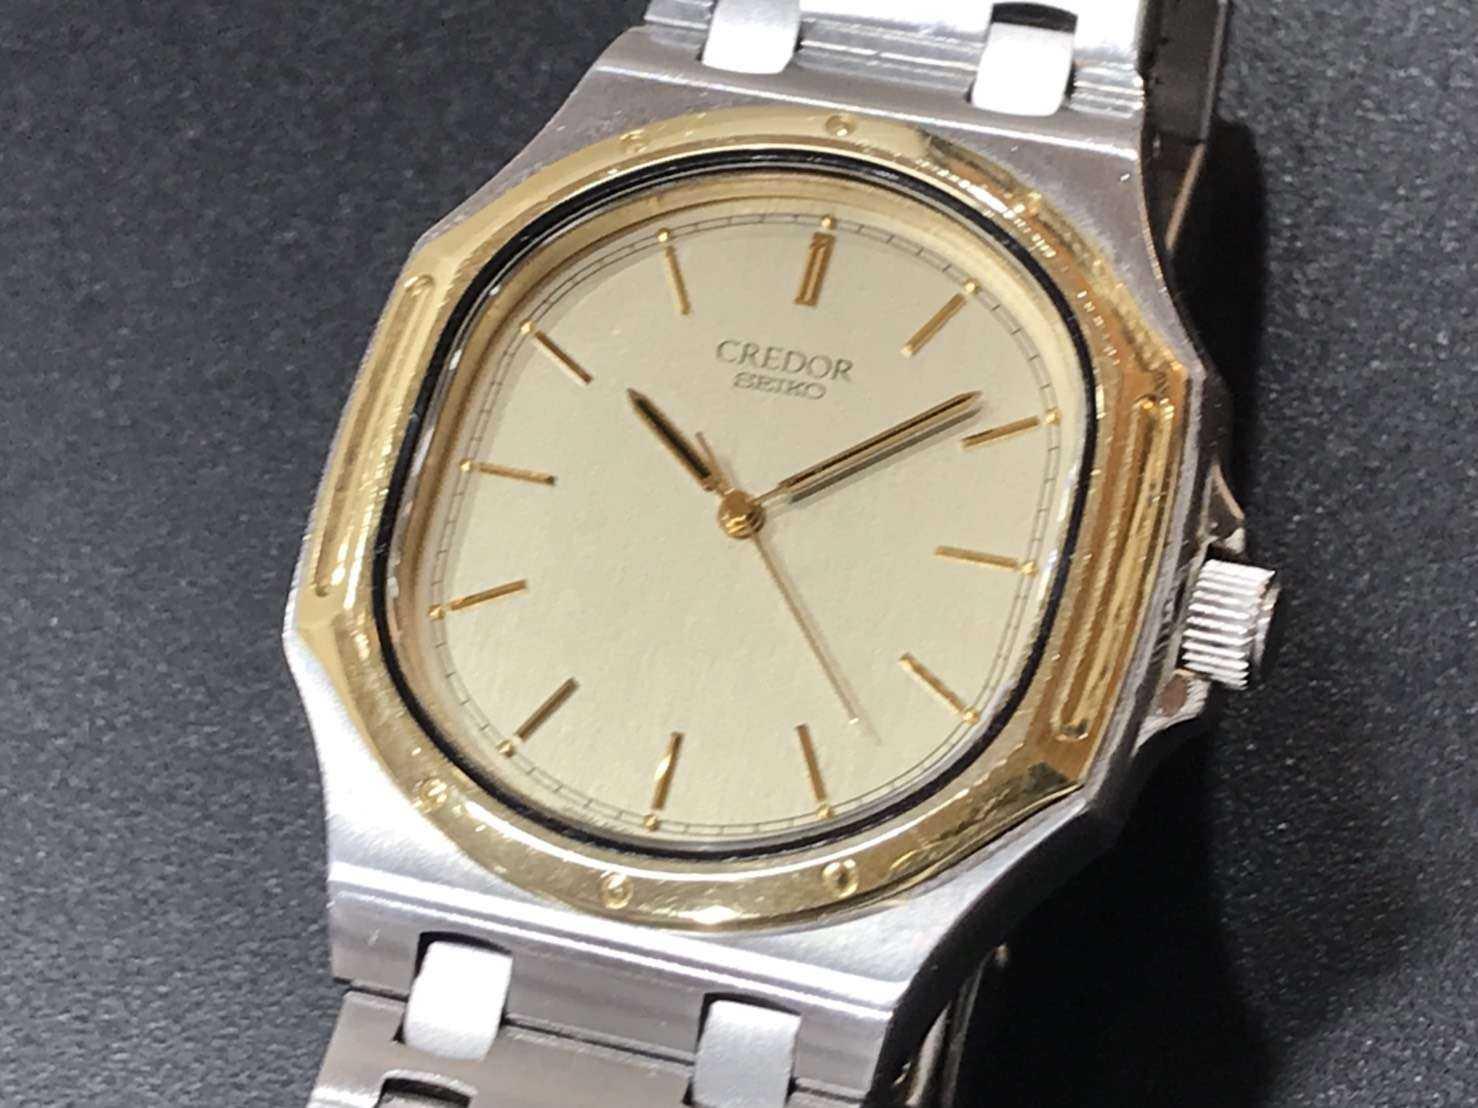 時計買取 クレドール